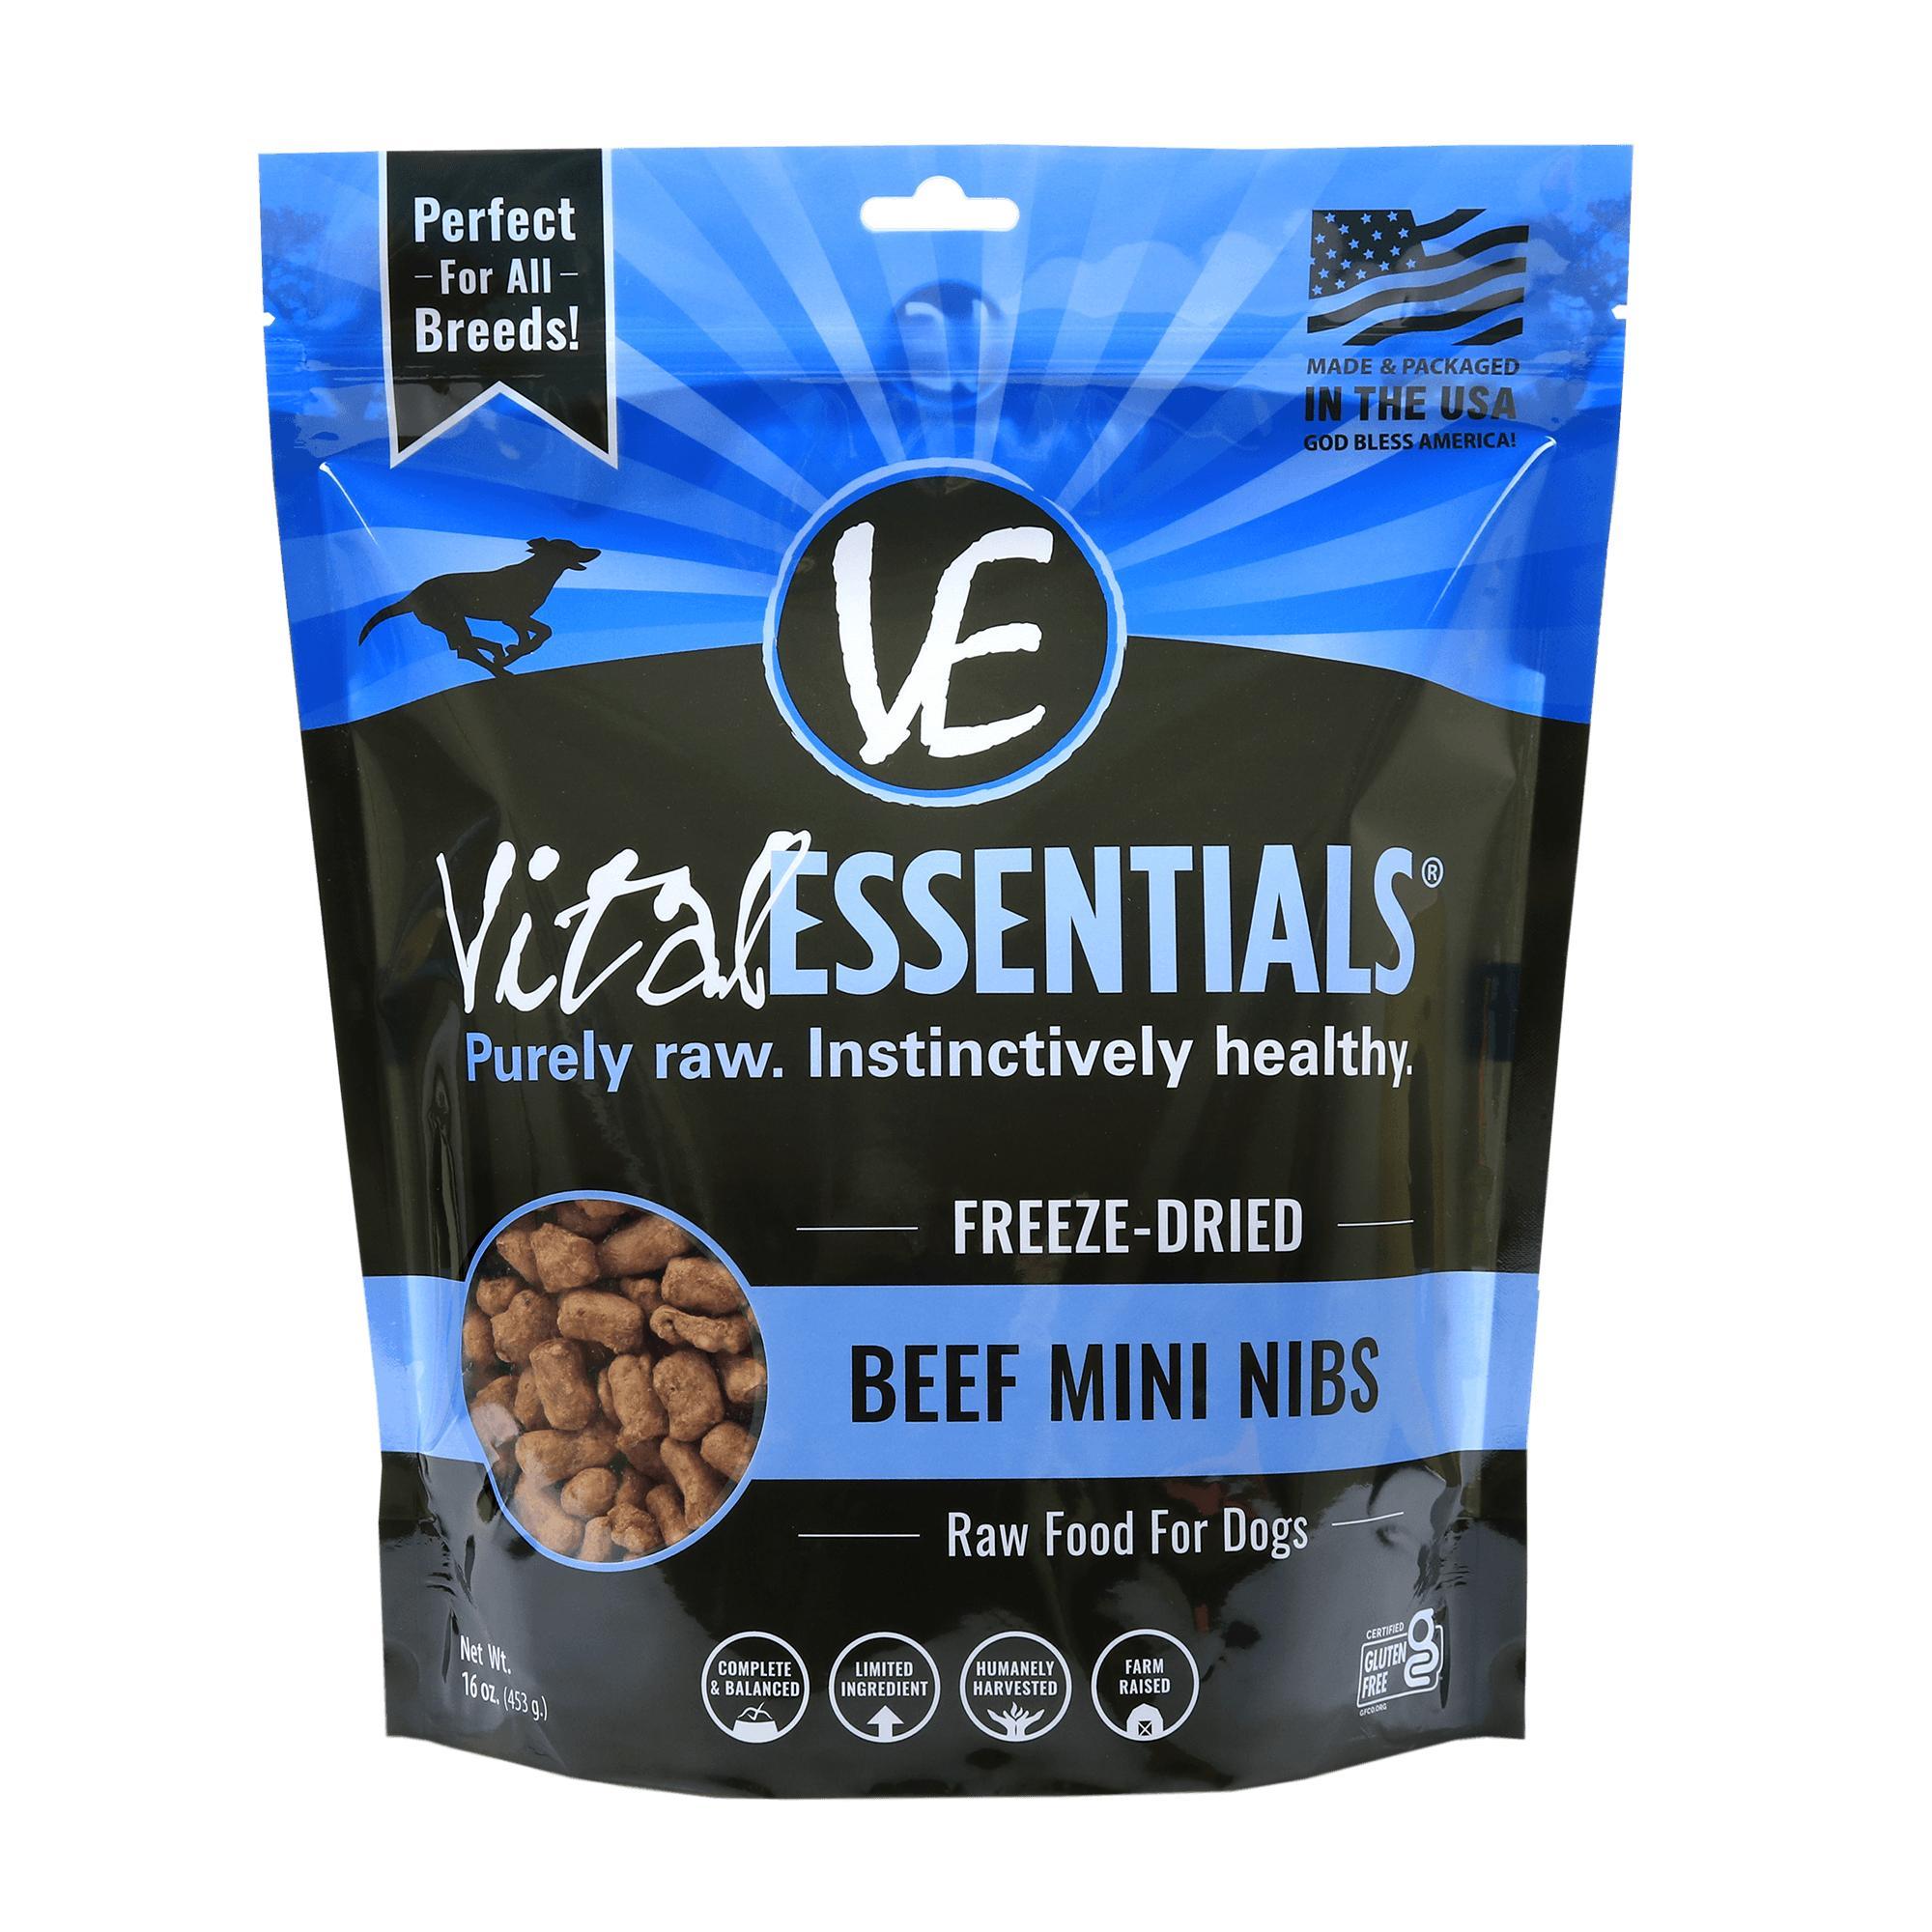 Vital Essentials Beef Entree Mini Nibs Grain-Free Freeze-Dried Dog Food, 1-lb